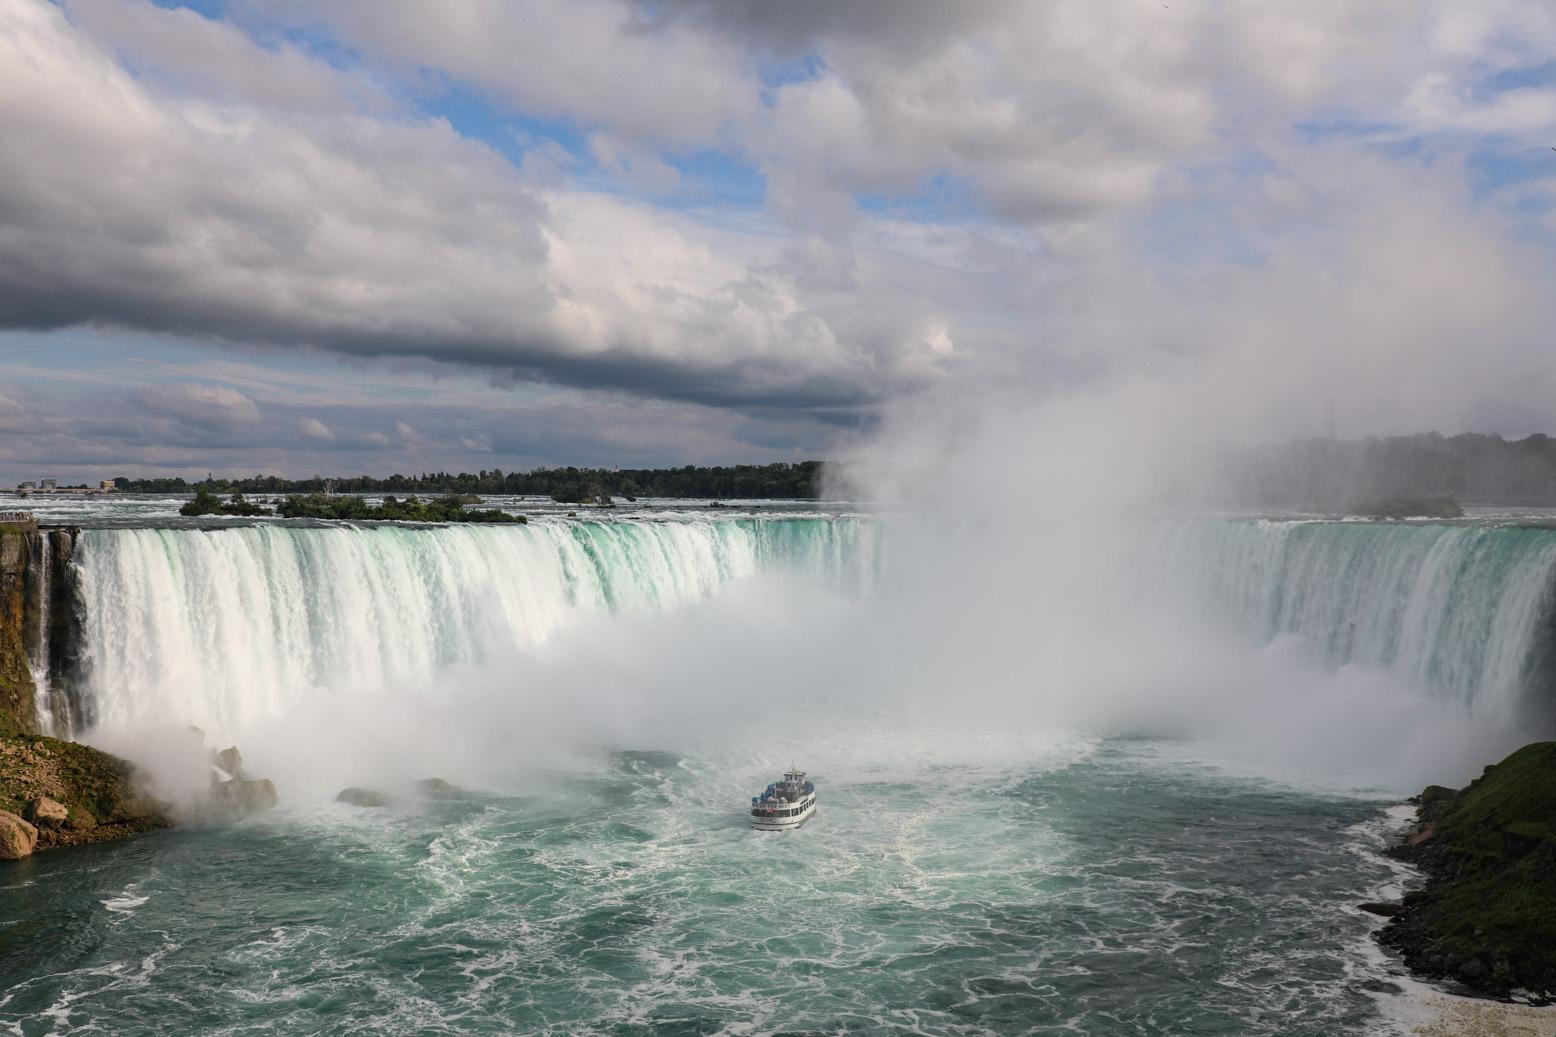 De indrukwekkende Niagara Falls liggen op anderhalf uur rijden van Toronto